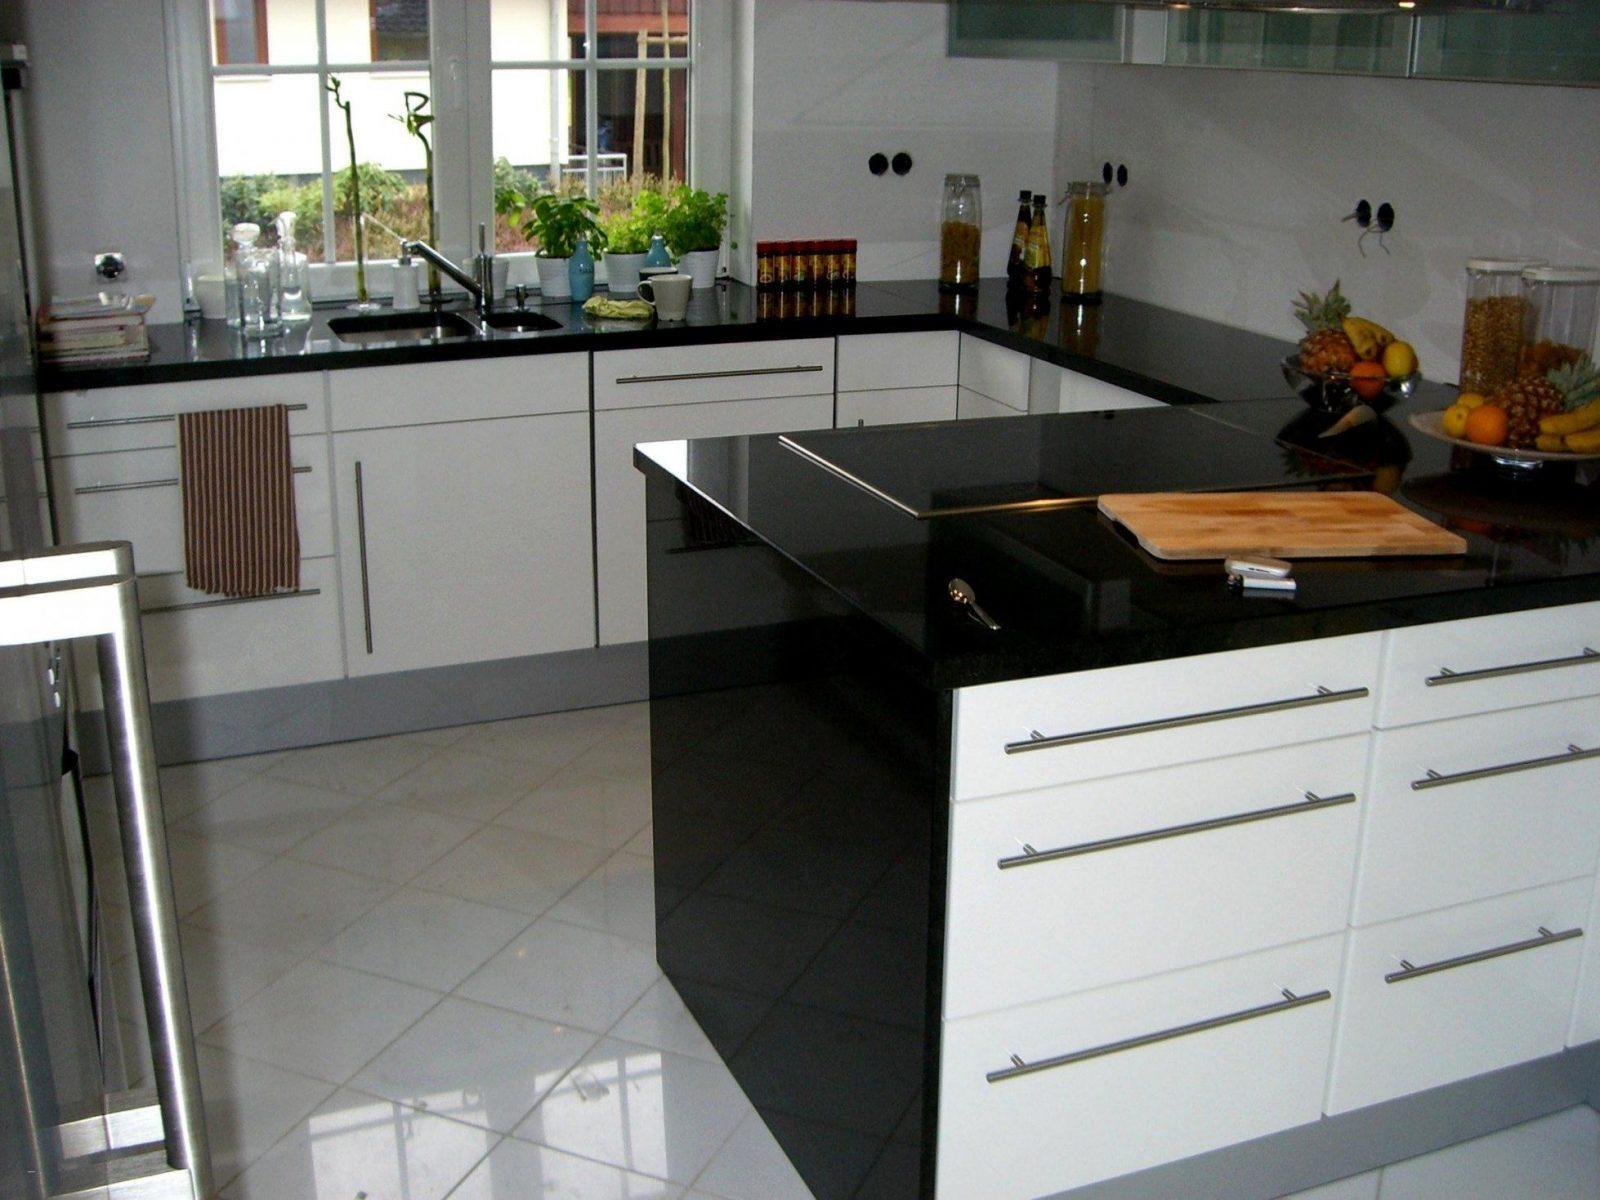 Schrank Für Einbauherd Selber Bauen Lovely 35 Brillant Küche Marmor von Schrank Für Einbauherd Selber Bauen Bild